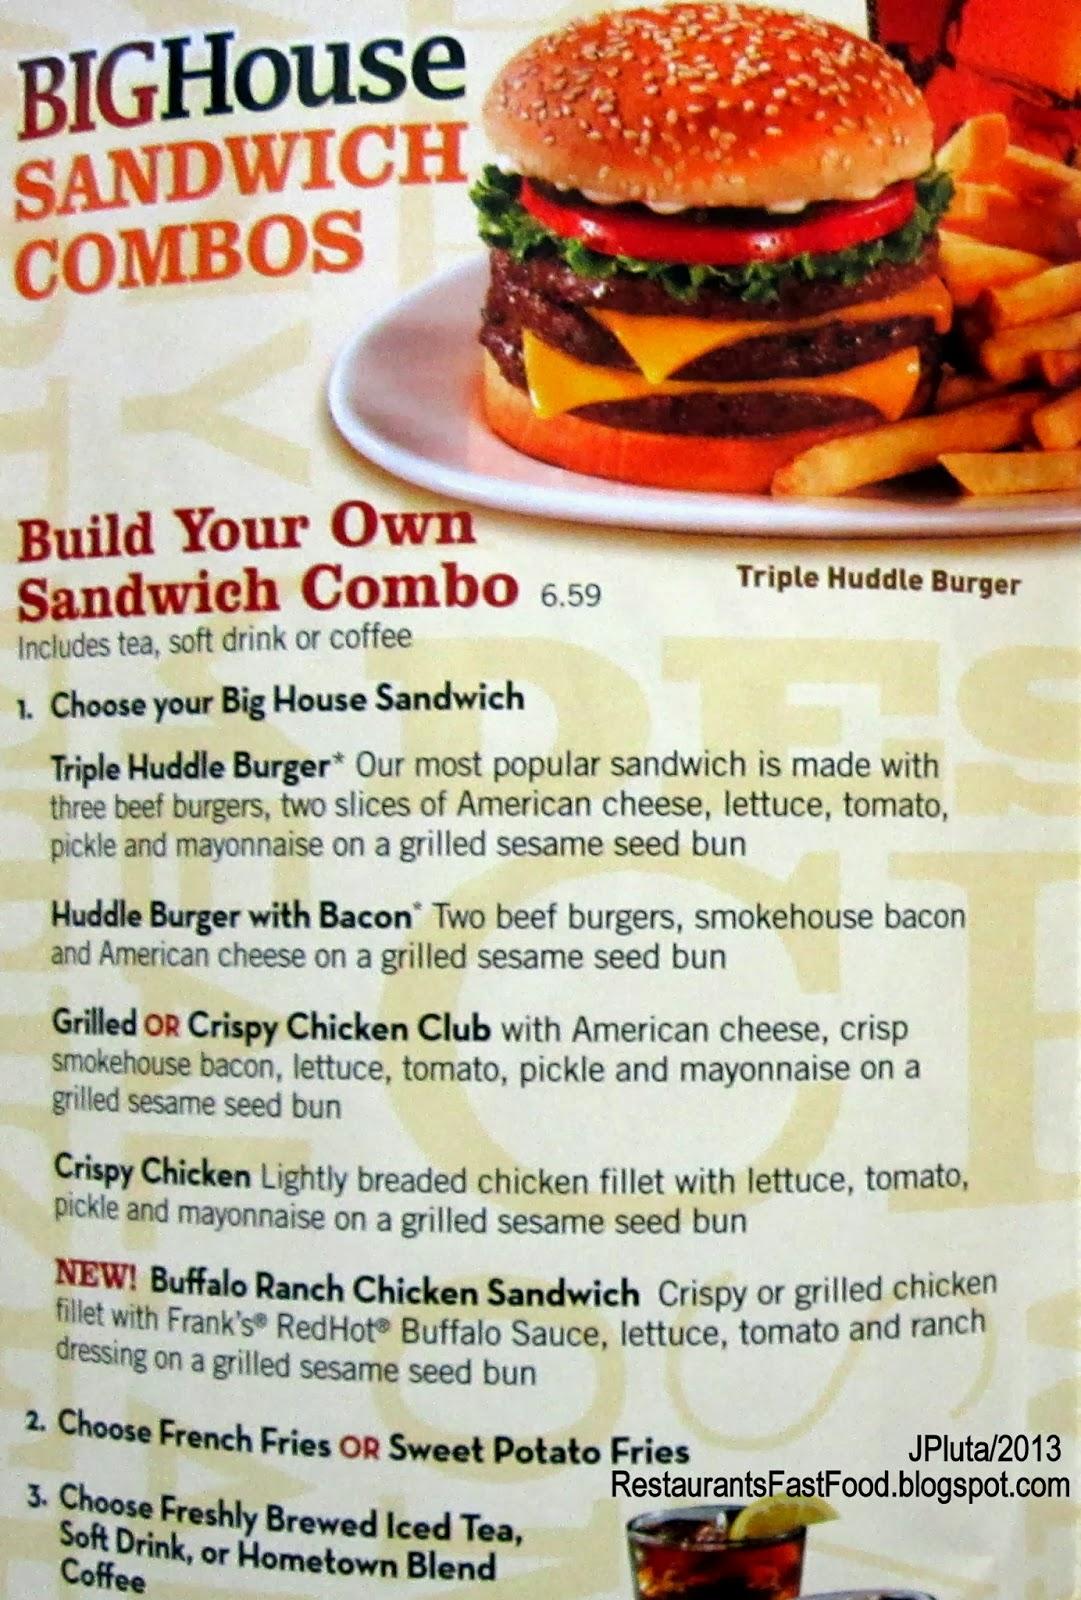 Restaurant fast food menu mcdonald 39 s dq bk hamburger pizza for Big fish restaurant menu